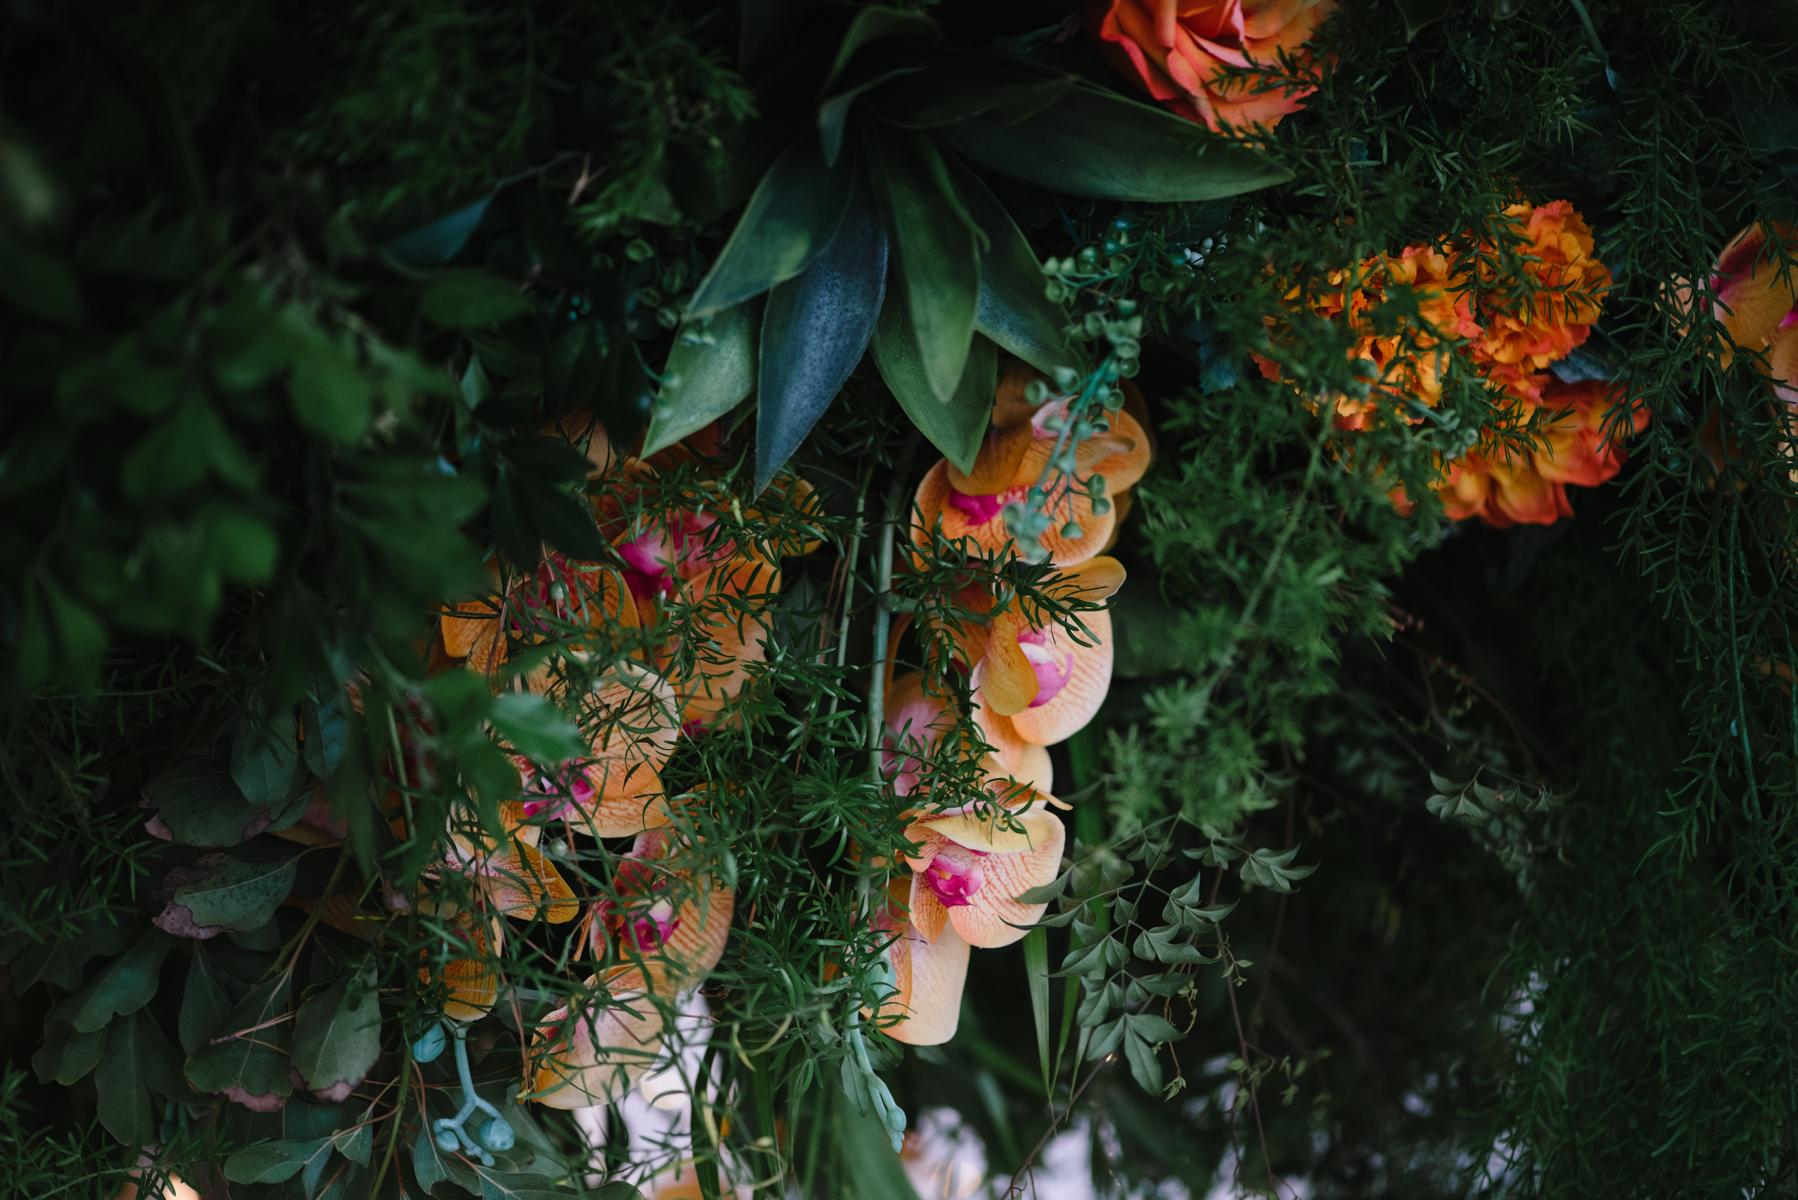 babalou-wedding- skyla sage photography weddings, families, byron bay,tweed coast,kingscliff,cabarita,gold coast-30.jpg